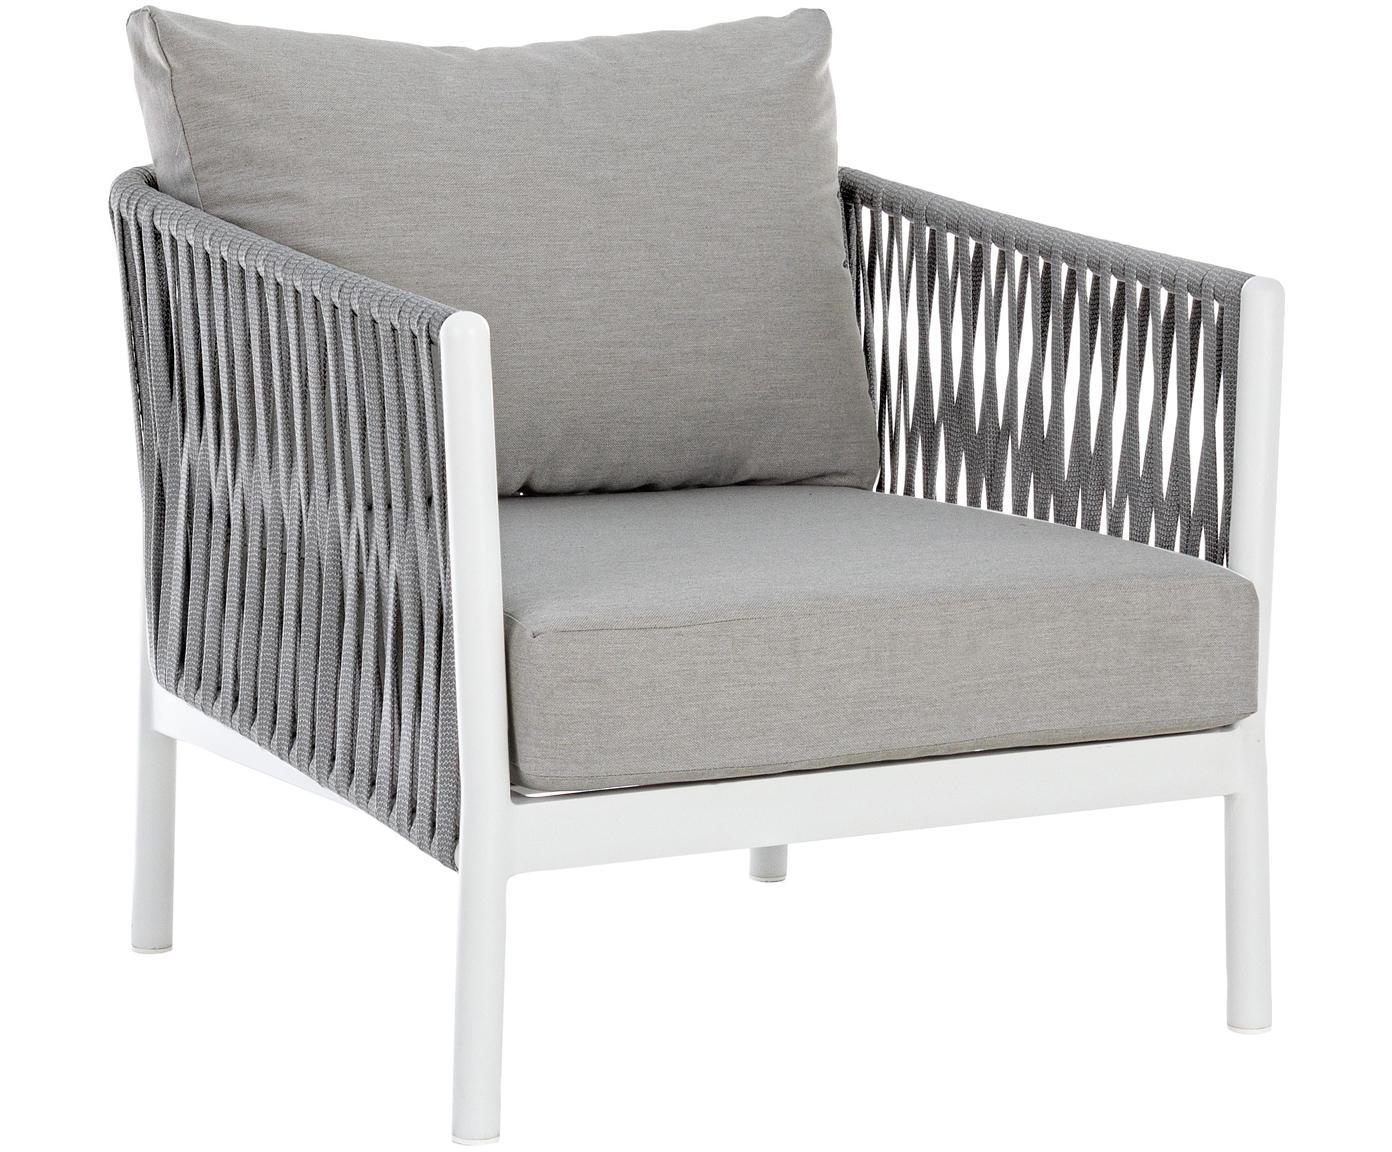 Sillón de exterior Florencia, Estructura: aluminio con pintura en p, Asiento: poliéster, Gris, blanco, An 80 x F 85 cm